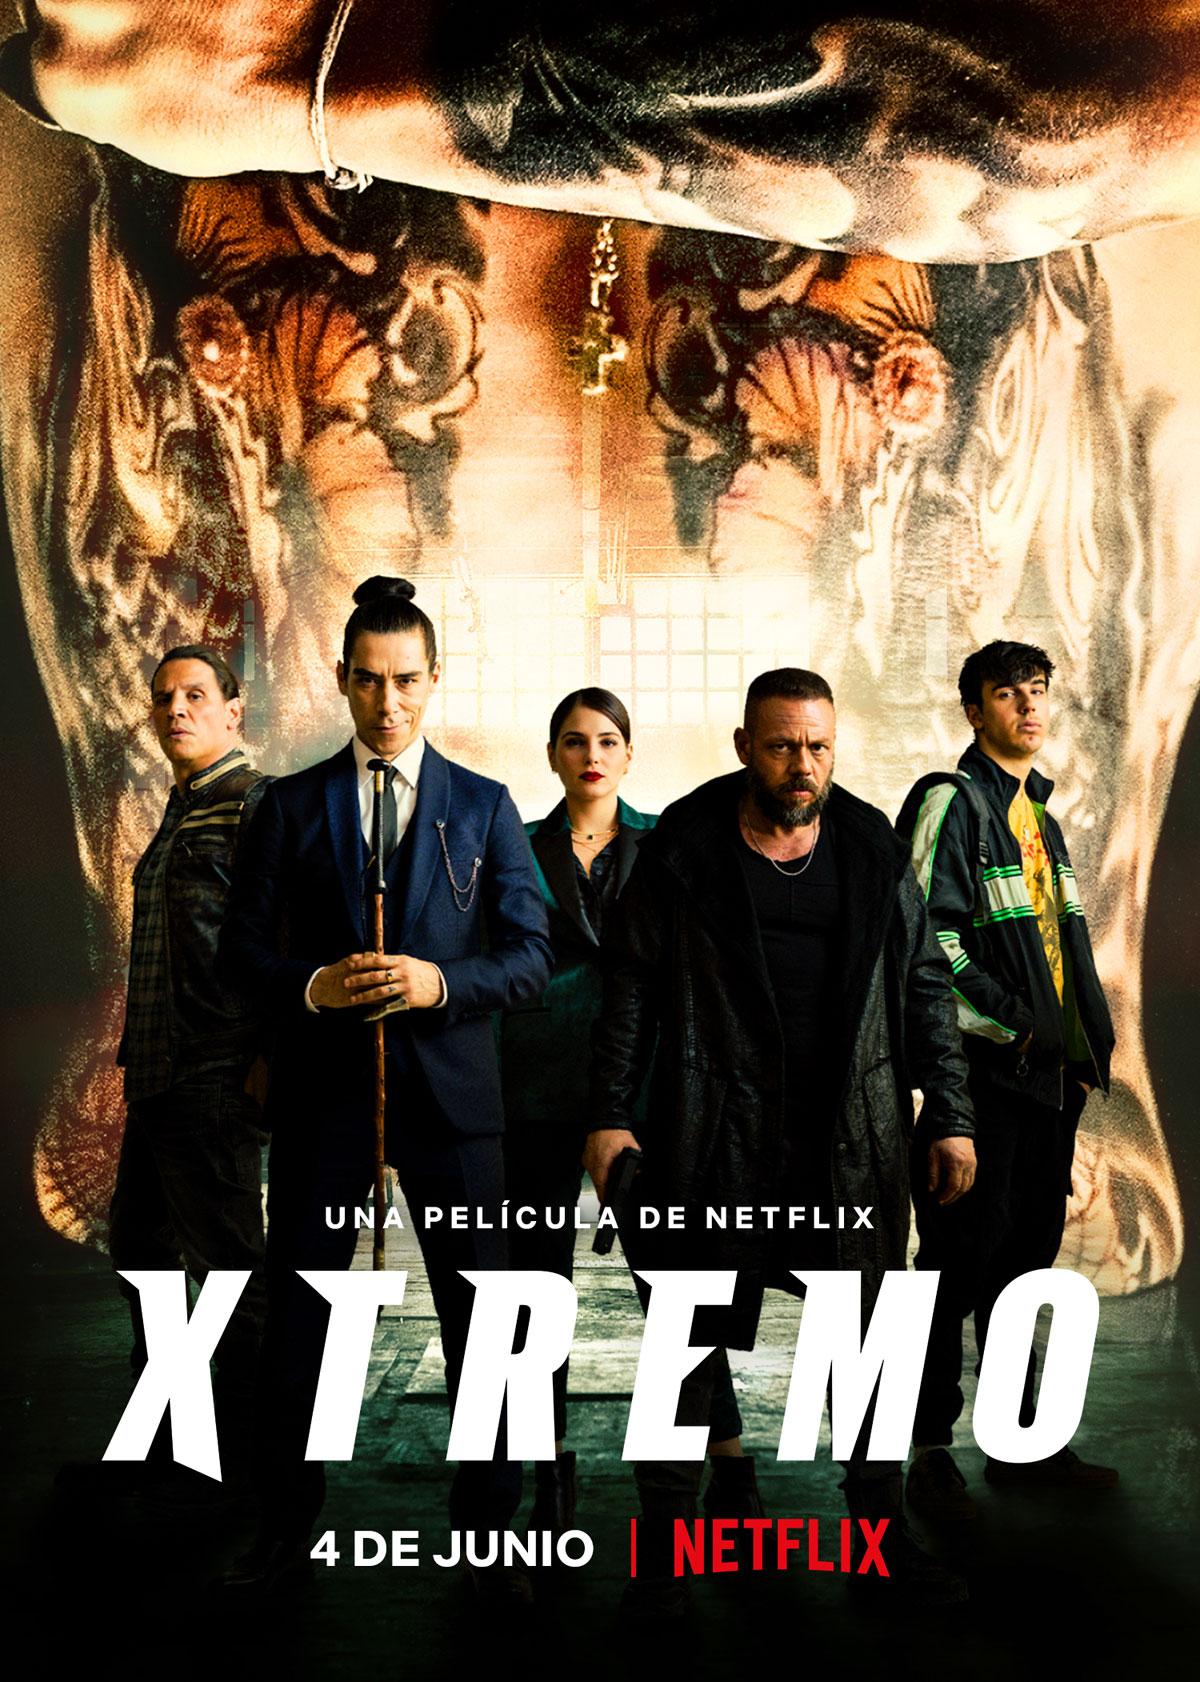 Análise de XTREMO da Netflix  Filme espanhol de suspense com muita ação